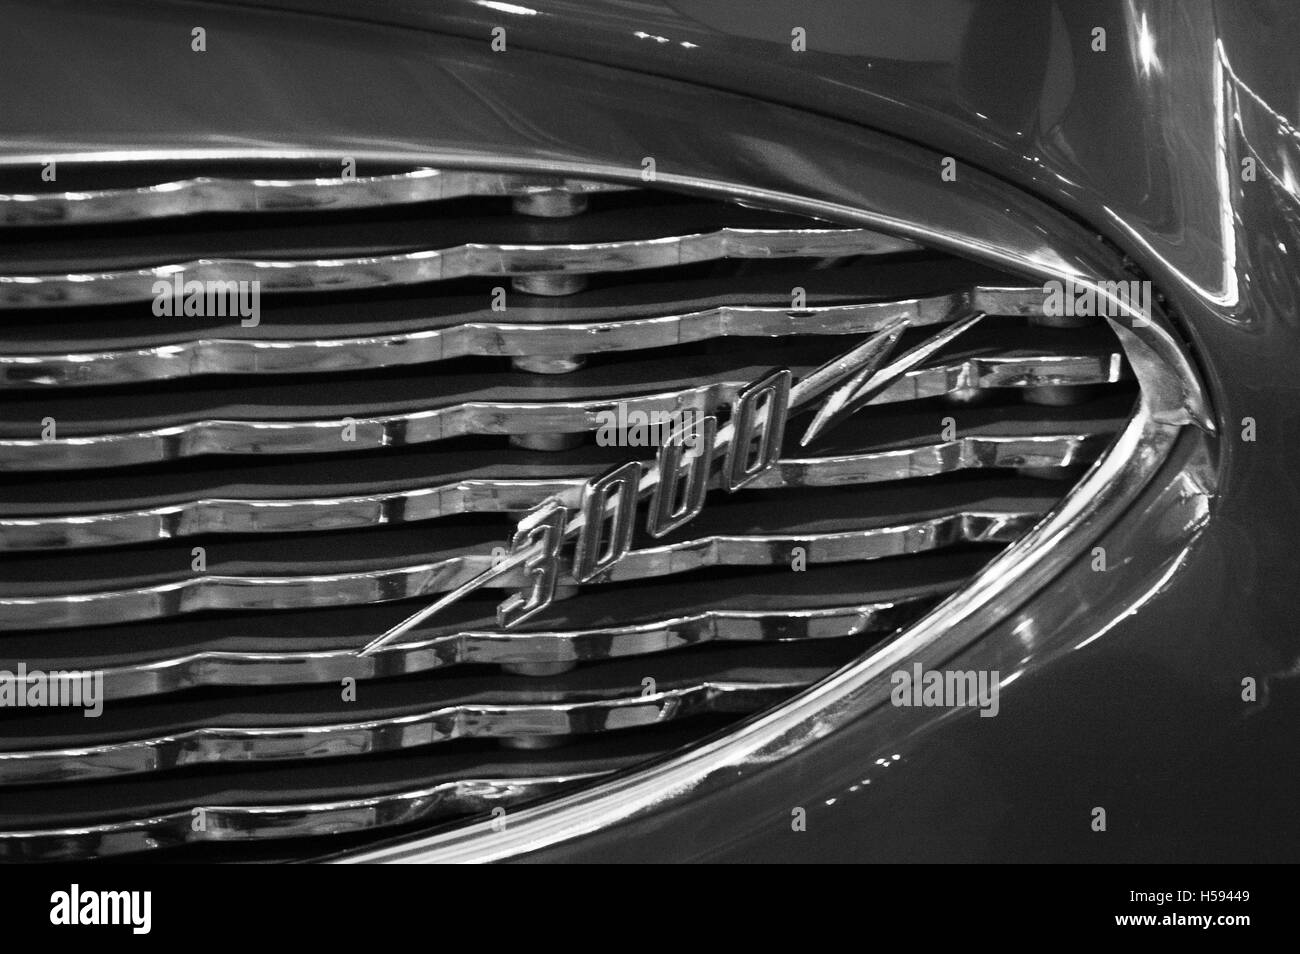 AUSTIN - HEALEY 3000, Baujahr: 1959-1968, Roadster, BMC, Sport-Zweisitzer, Foto Auto Stockbild